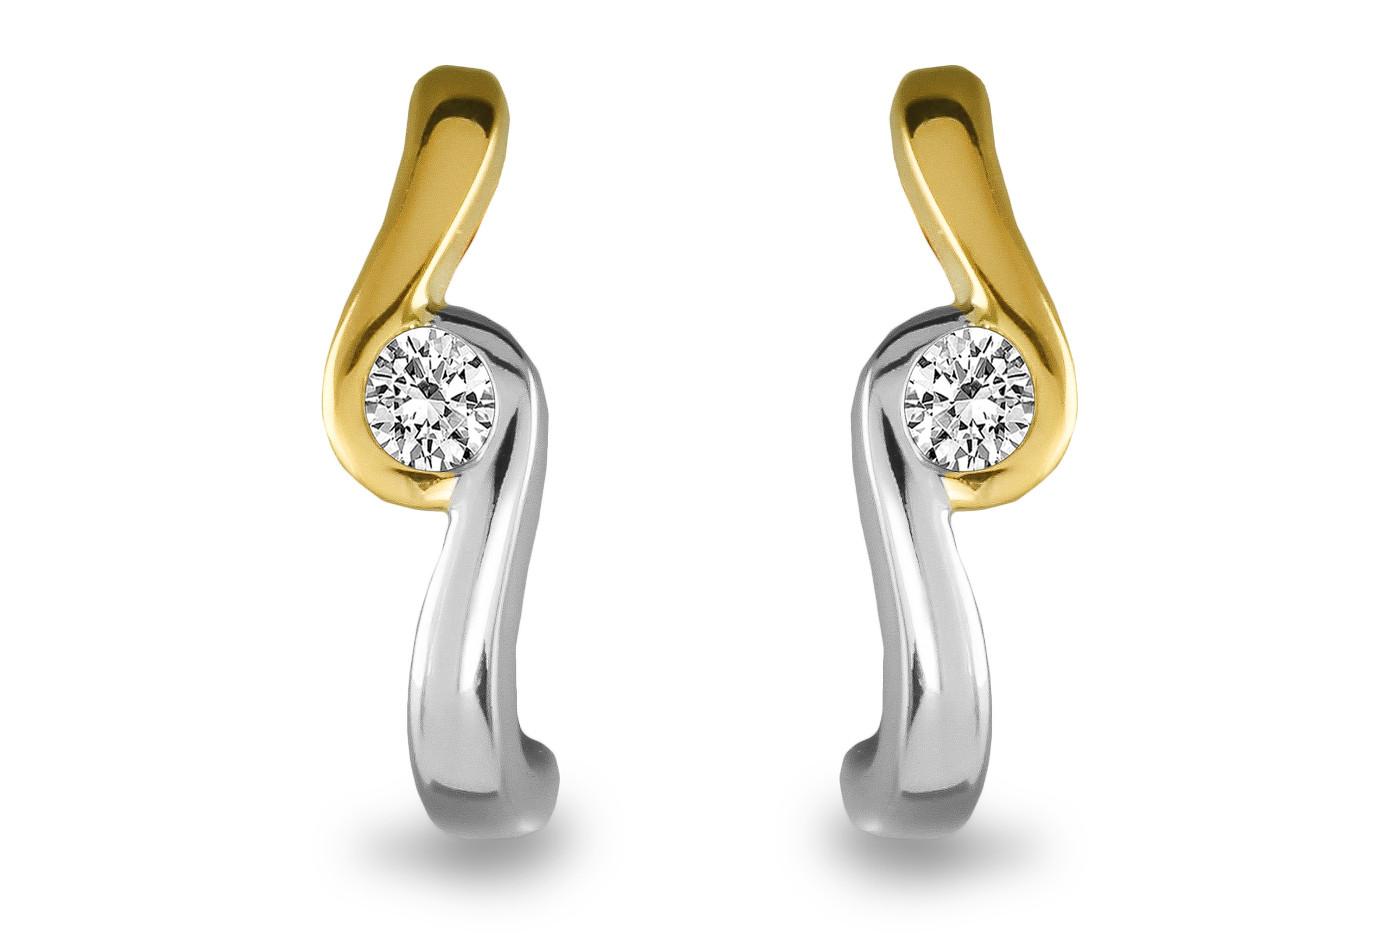 Gouden bicolor oorknoppen 0,19crt SOL-M943-010-G2